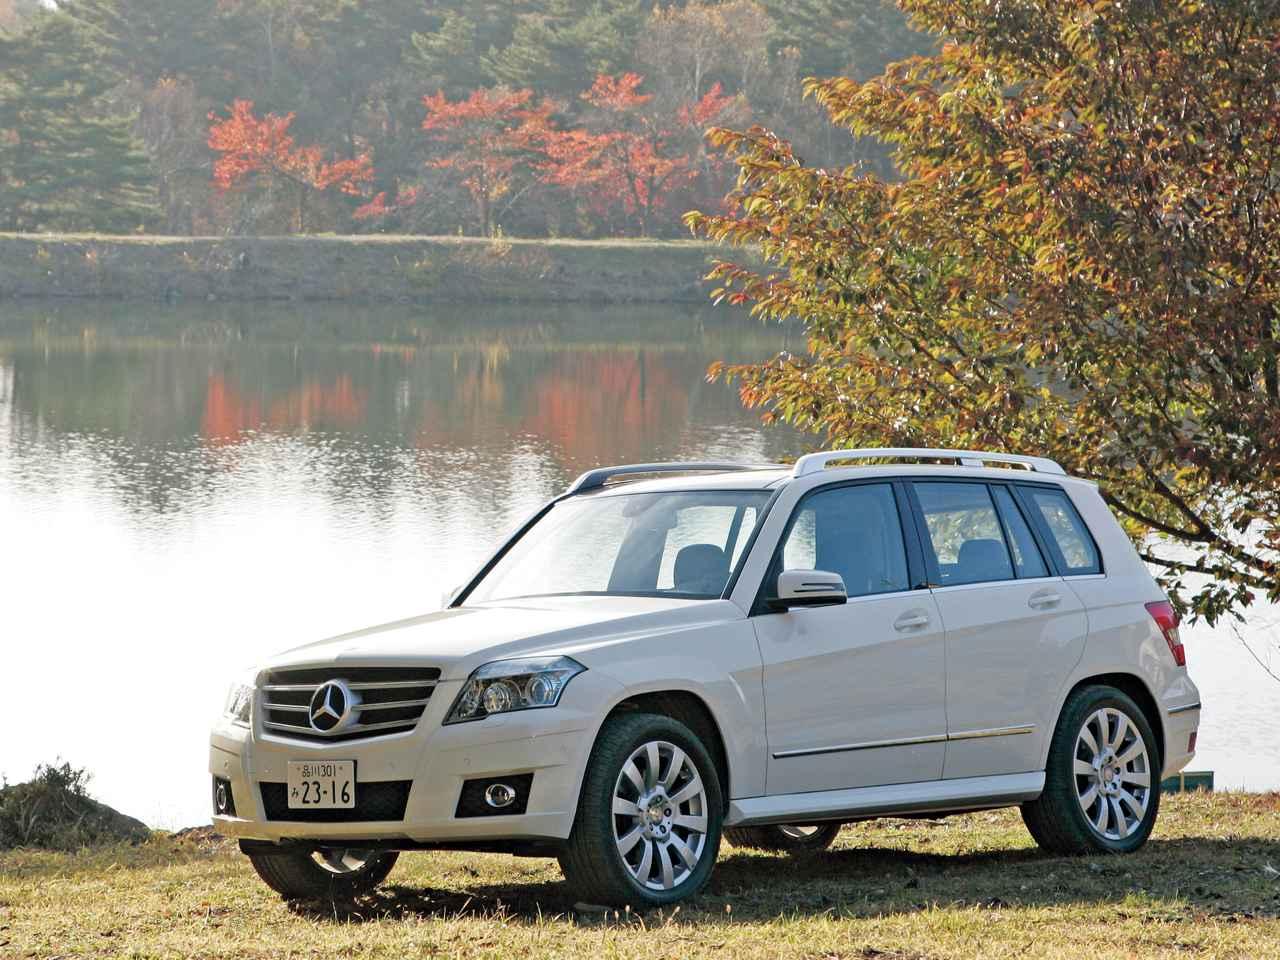 【試乗】初代GLKでメルセデス・ベンツは「SUV市場完全制圧」に動き出した【10年ひと昔の新車】